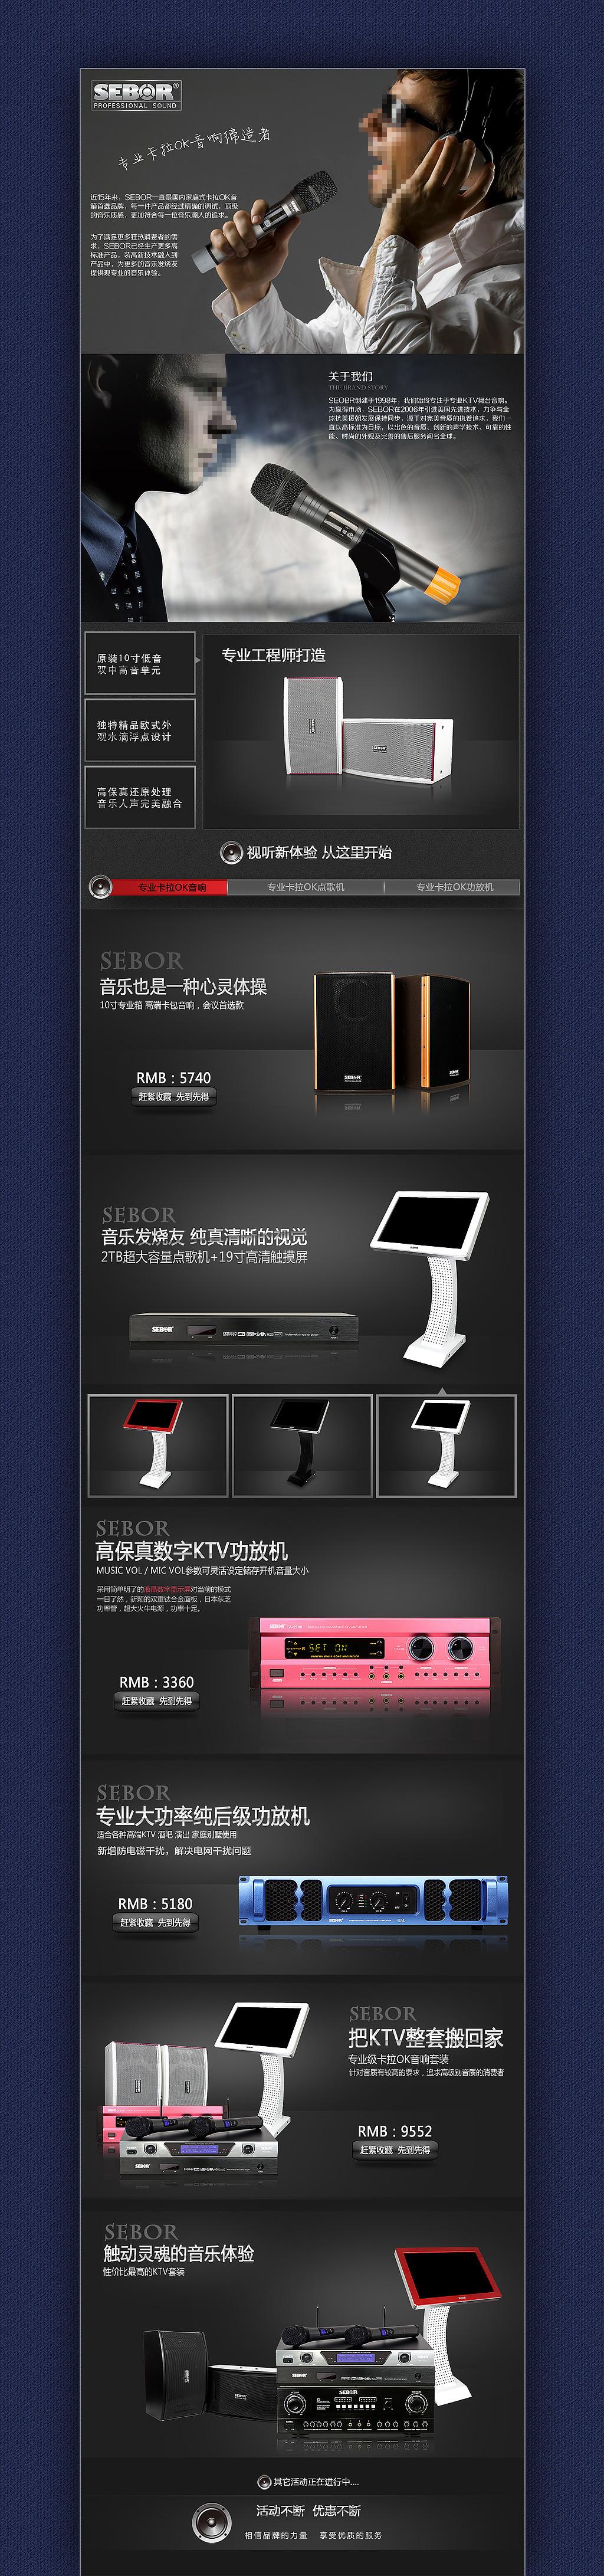 企业品牌故事宝贝详情页模版设计模板下载